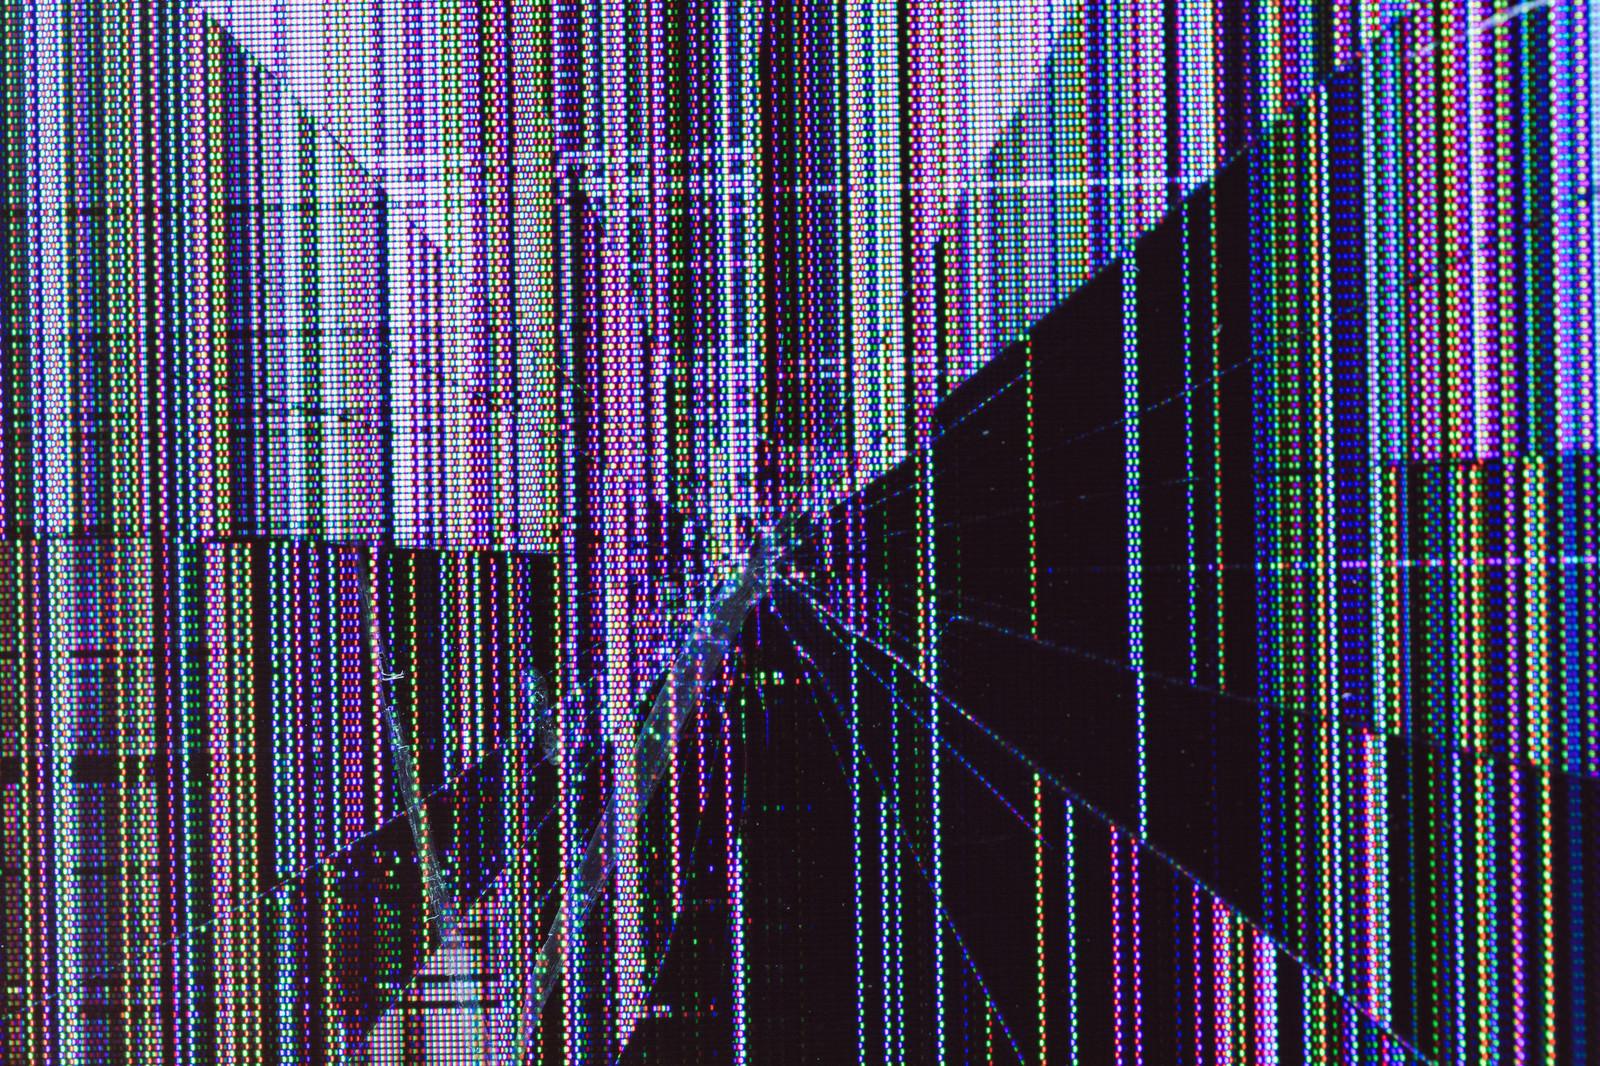 「廃棄前の壊れた液晶モニターの表示画面」の写真